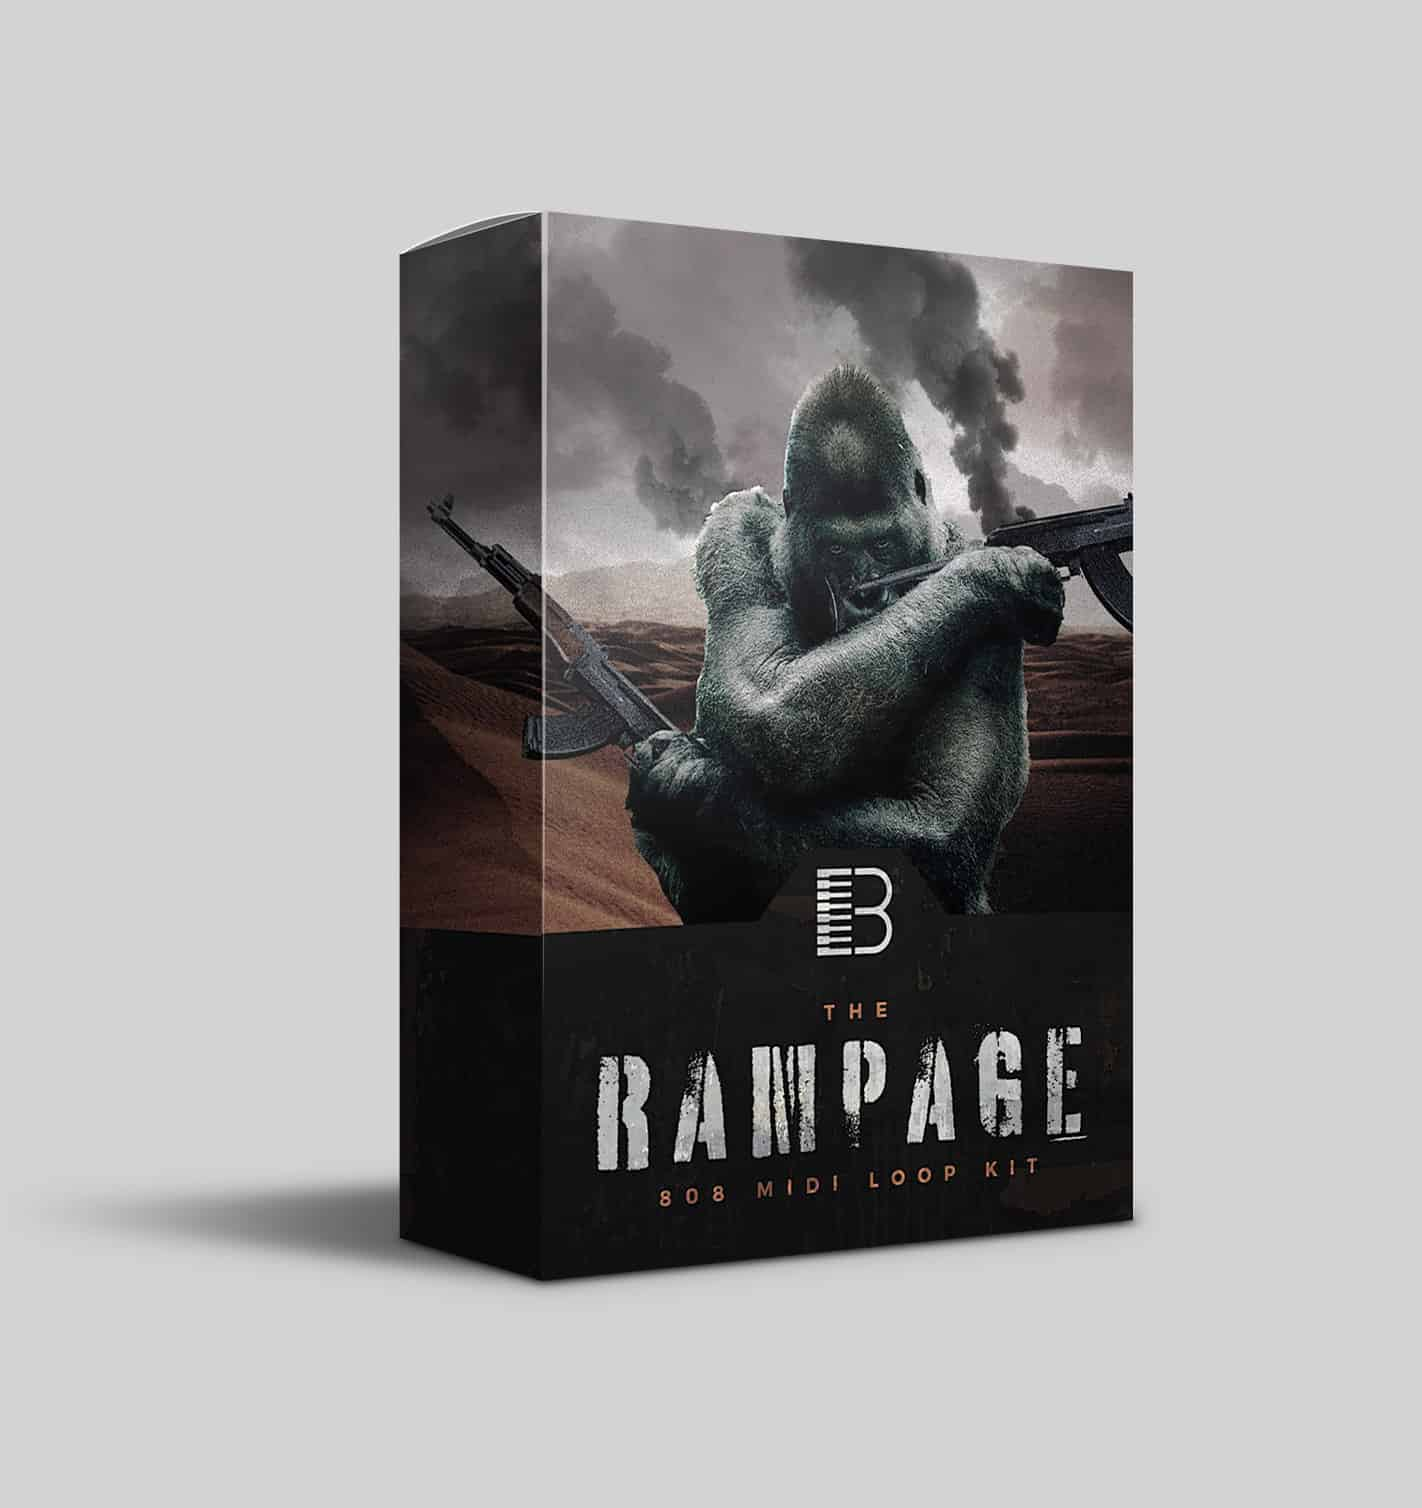 808 Midi Kit by Brandon Chapa - Rampage